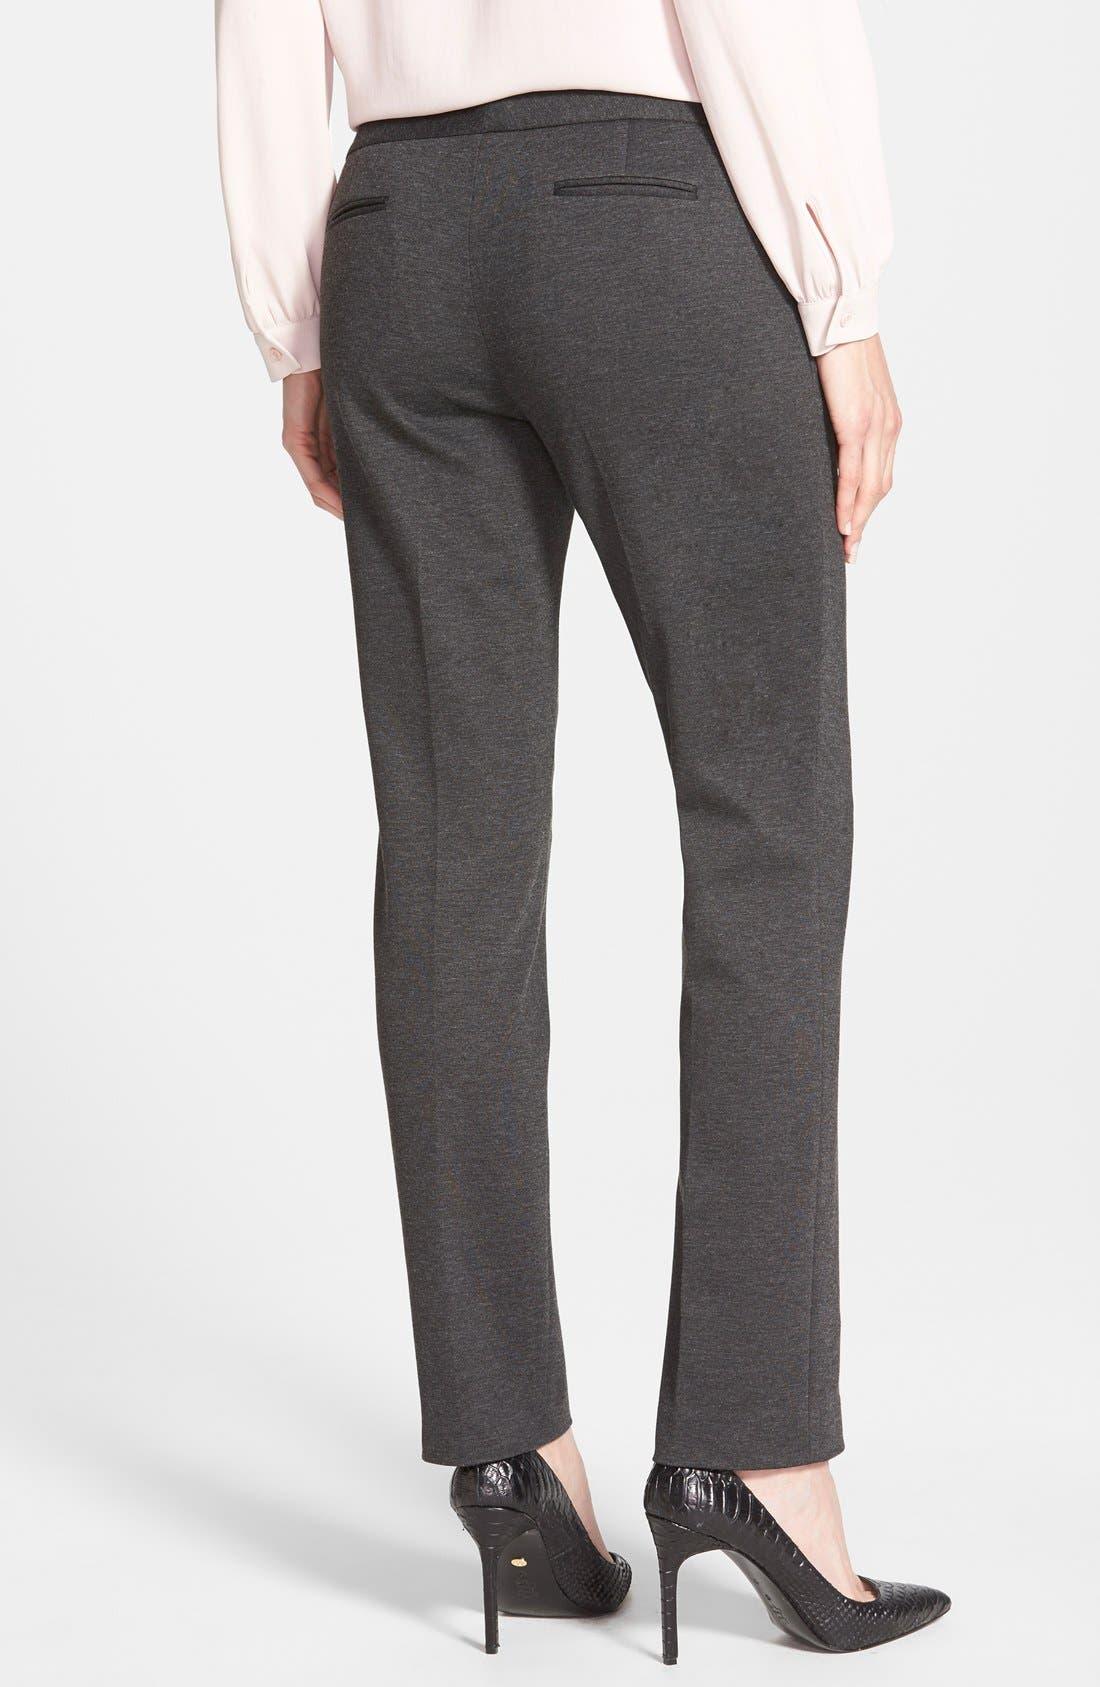 32336c12284 Women s Cropped   Capri Pants